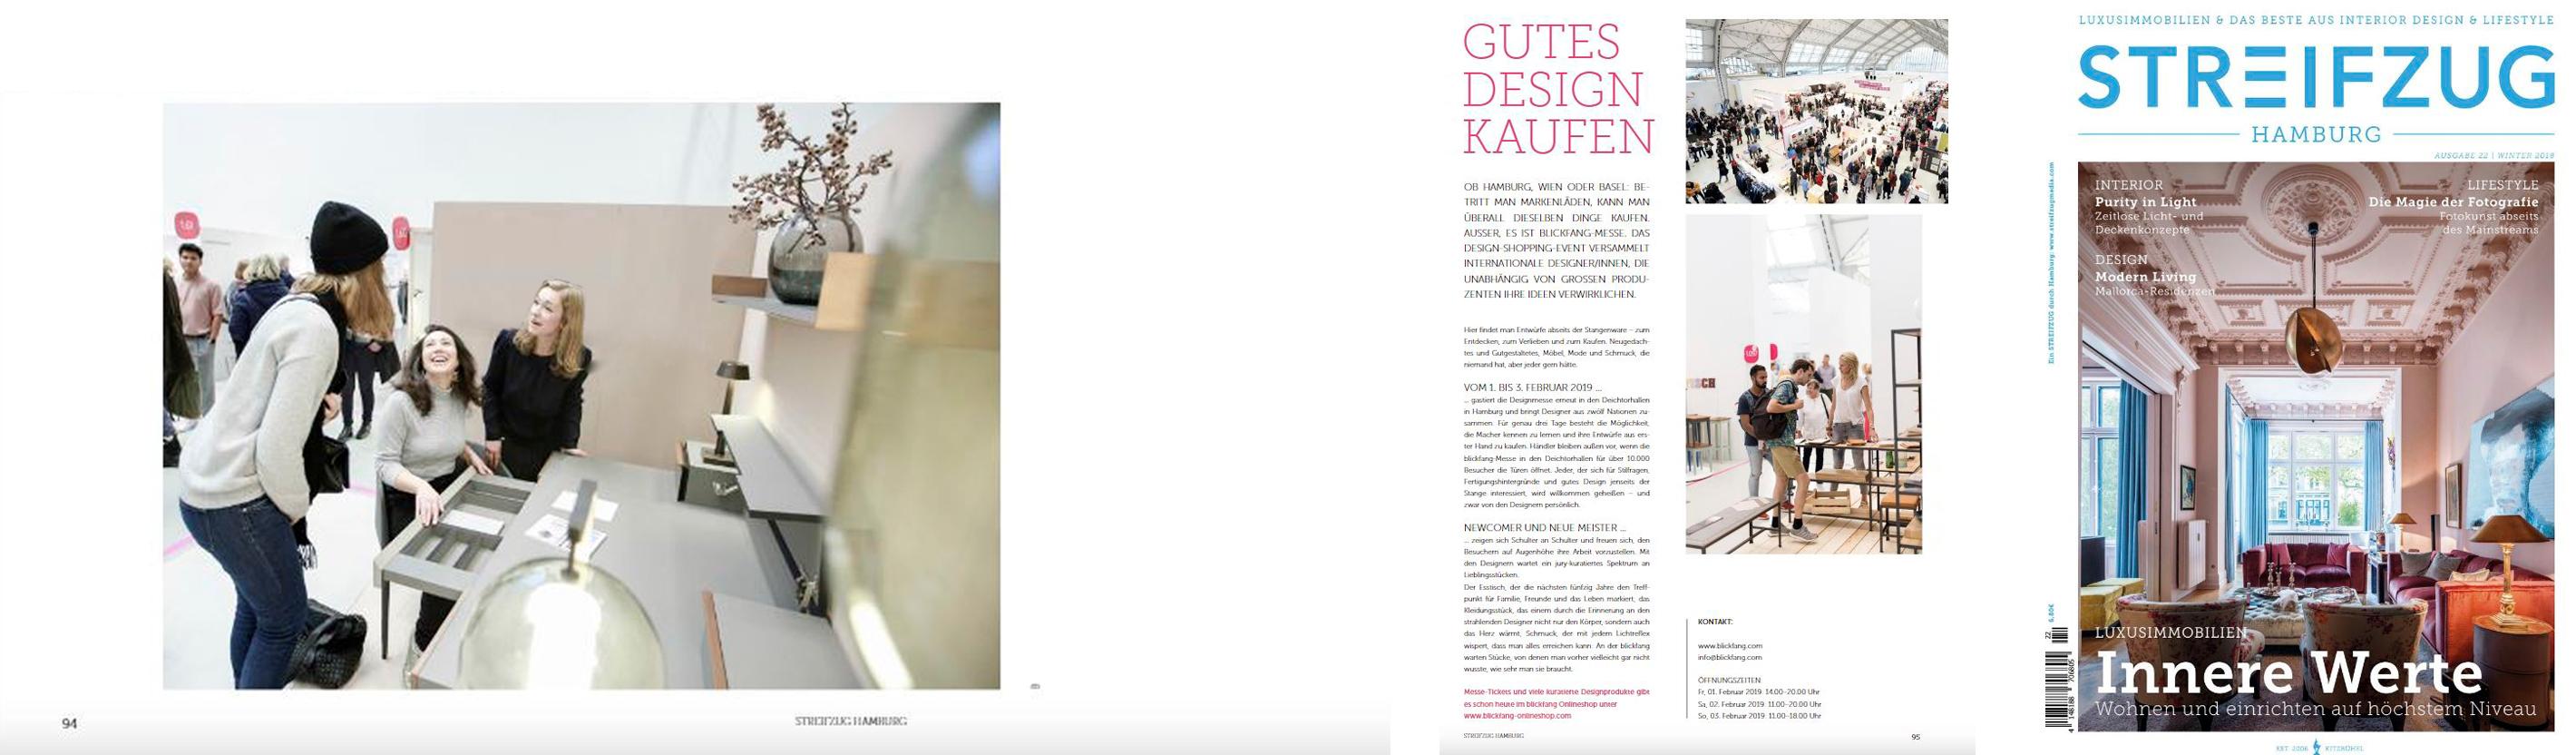 Artikel im Streifzug, Hamburger Magazin, über Möbellabel von Lisa Fardi